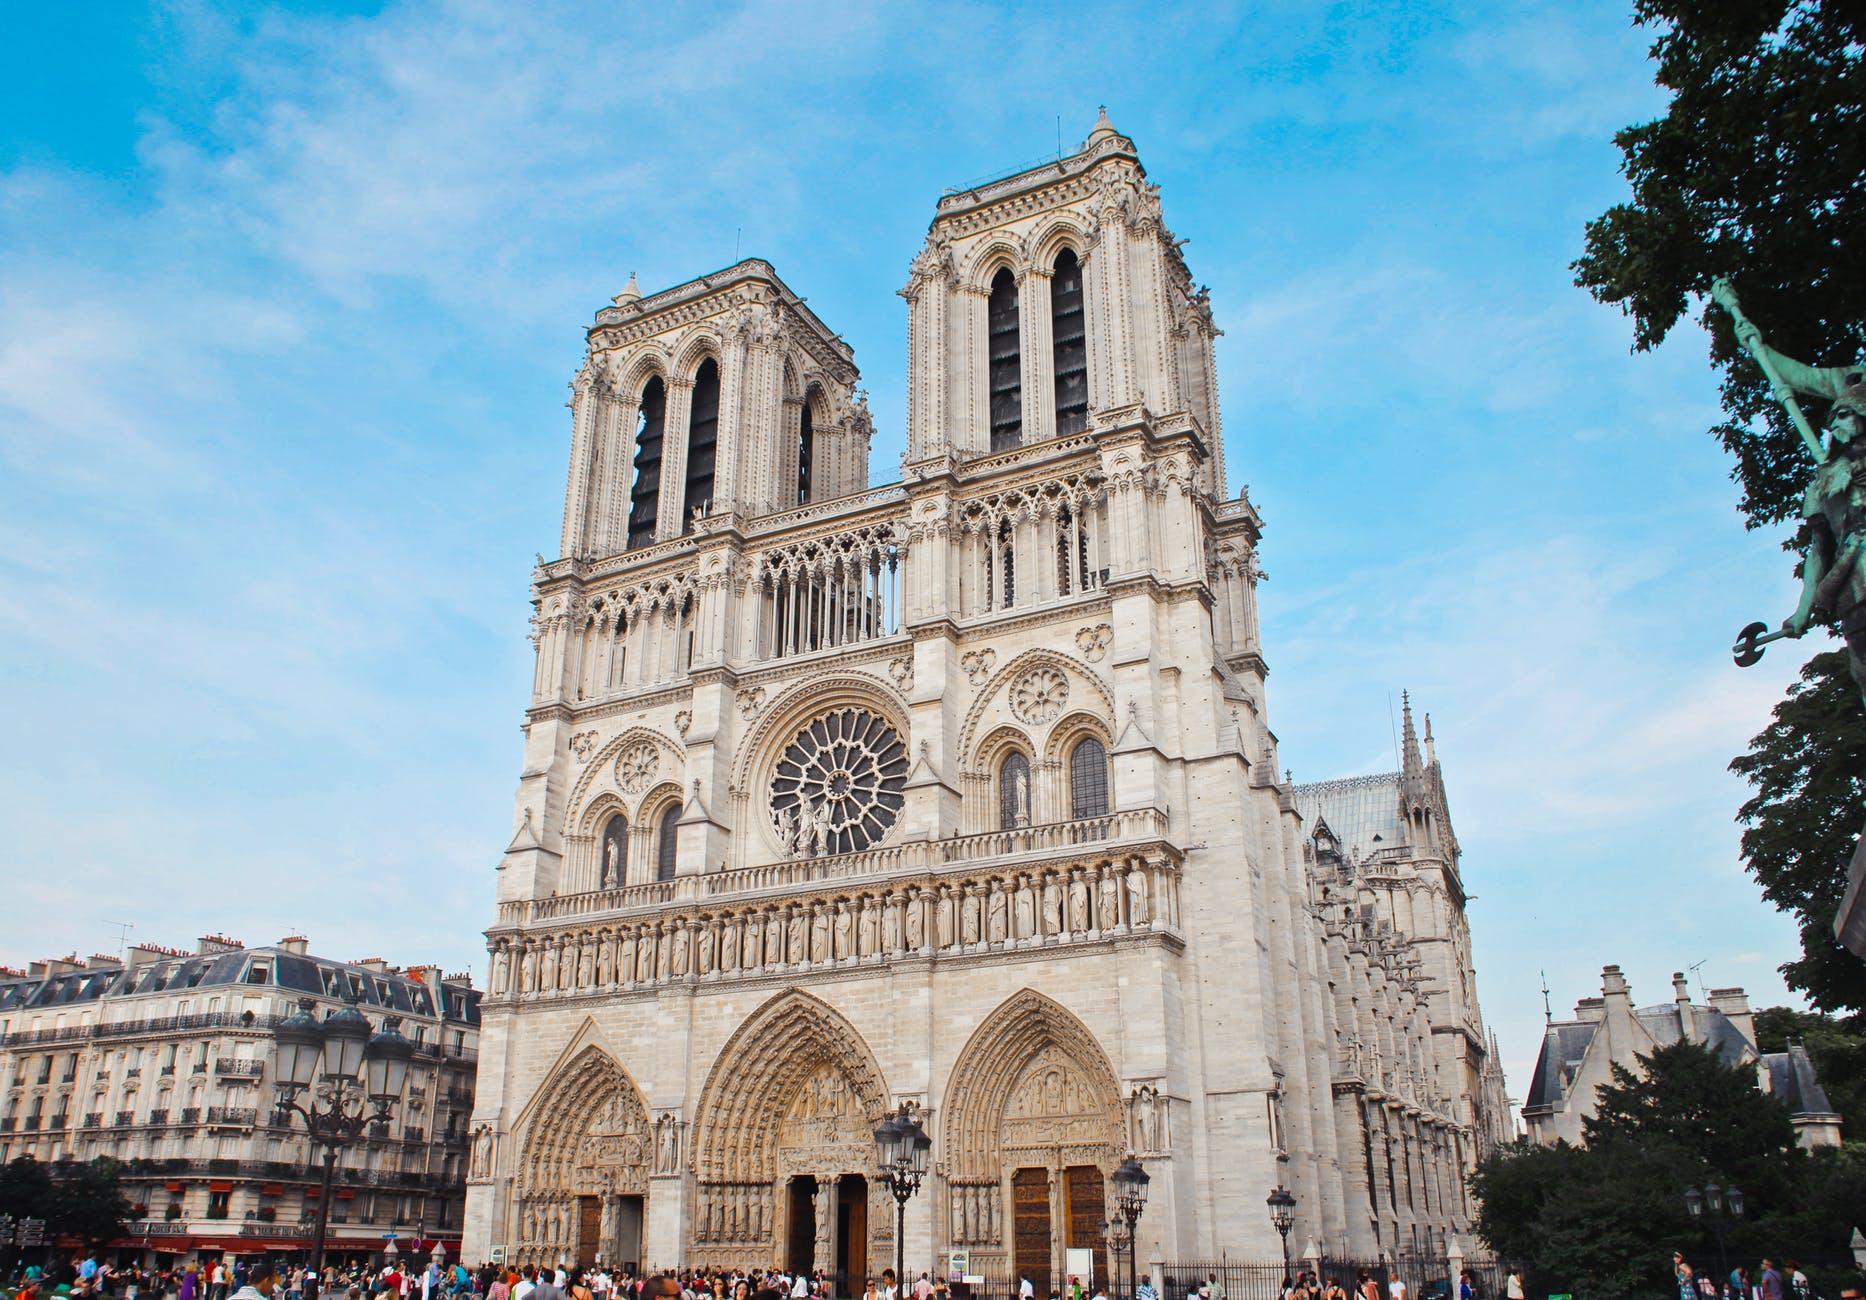 Notre Dame de Paris, Paris, France most famous churches in the world